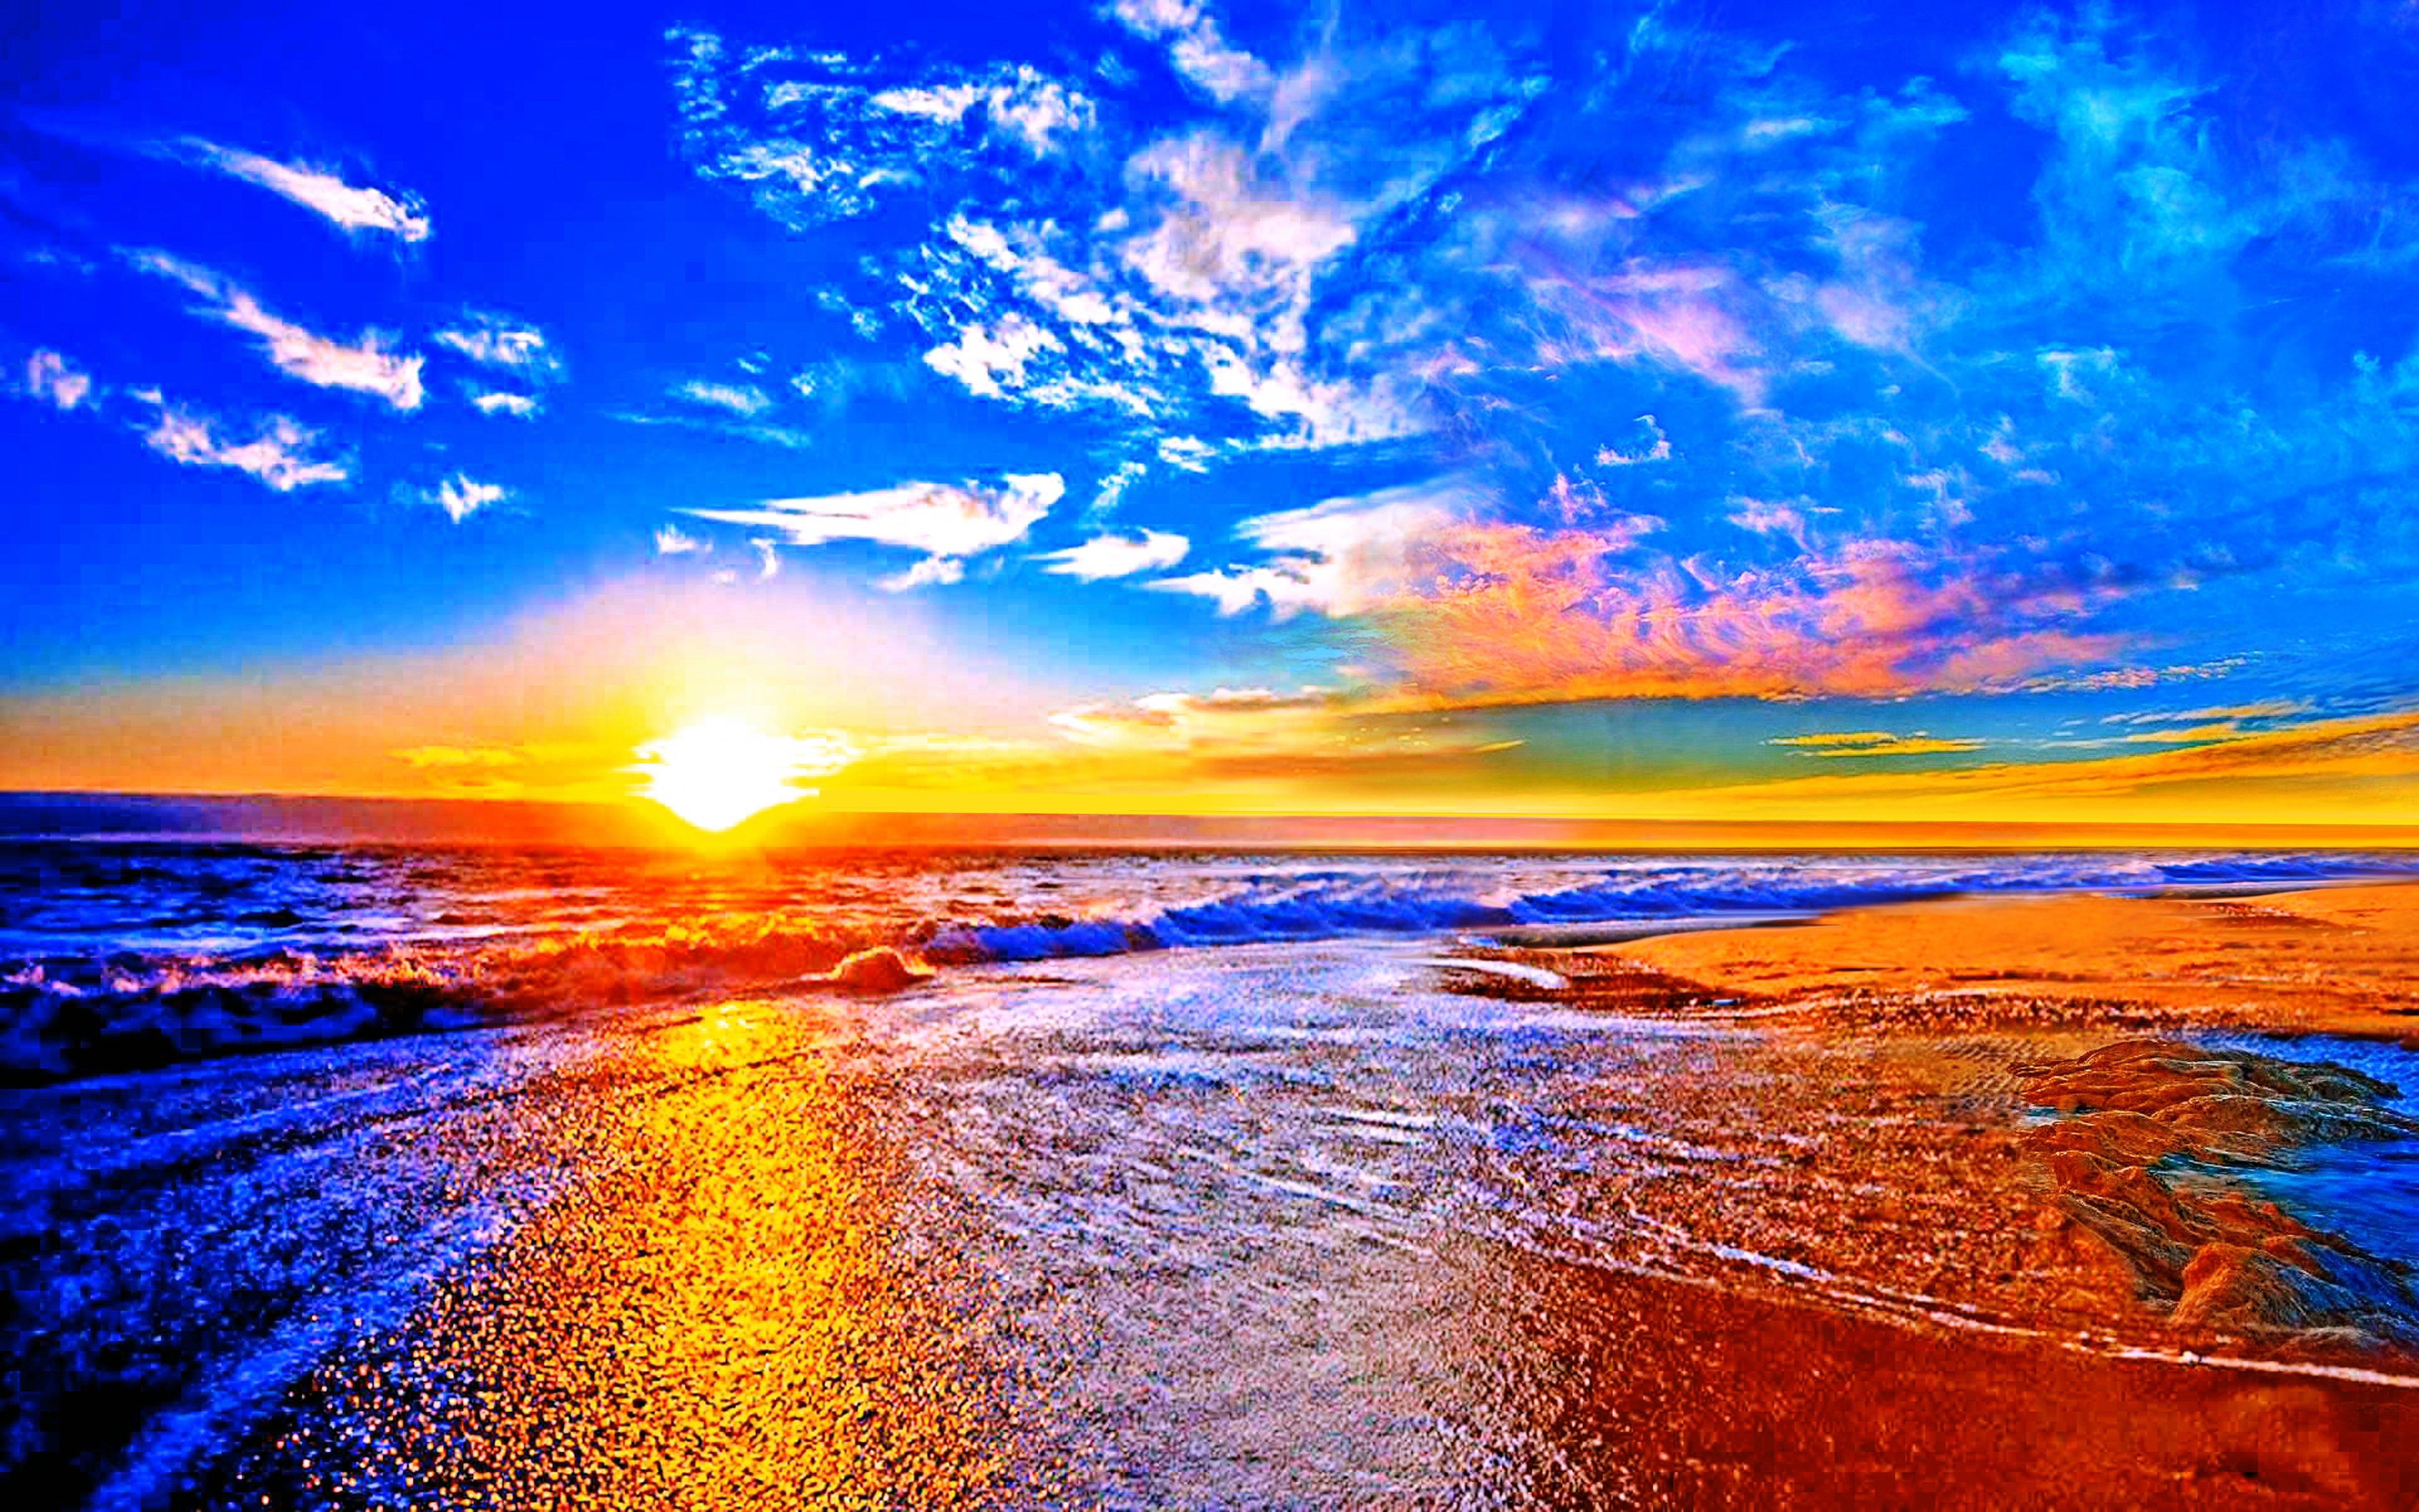 вертолет солнечный закат море скачать